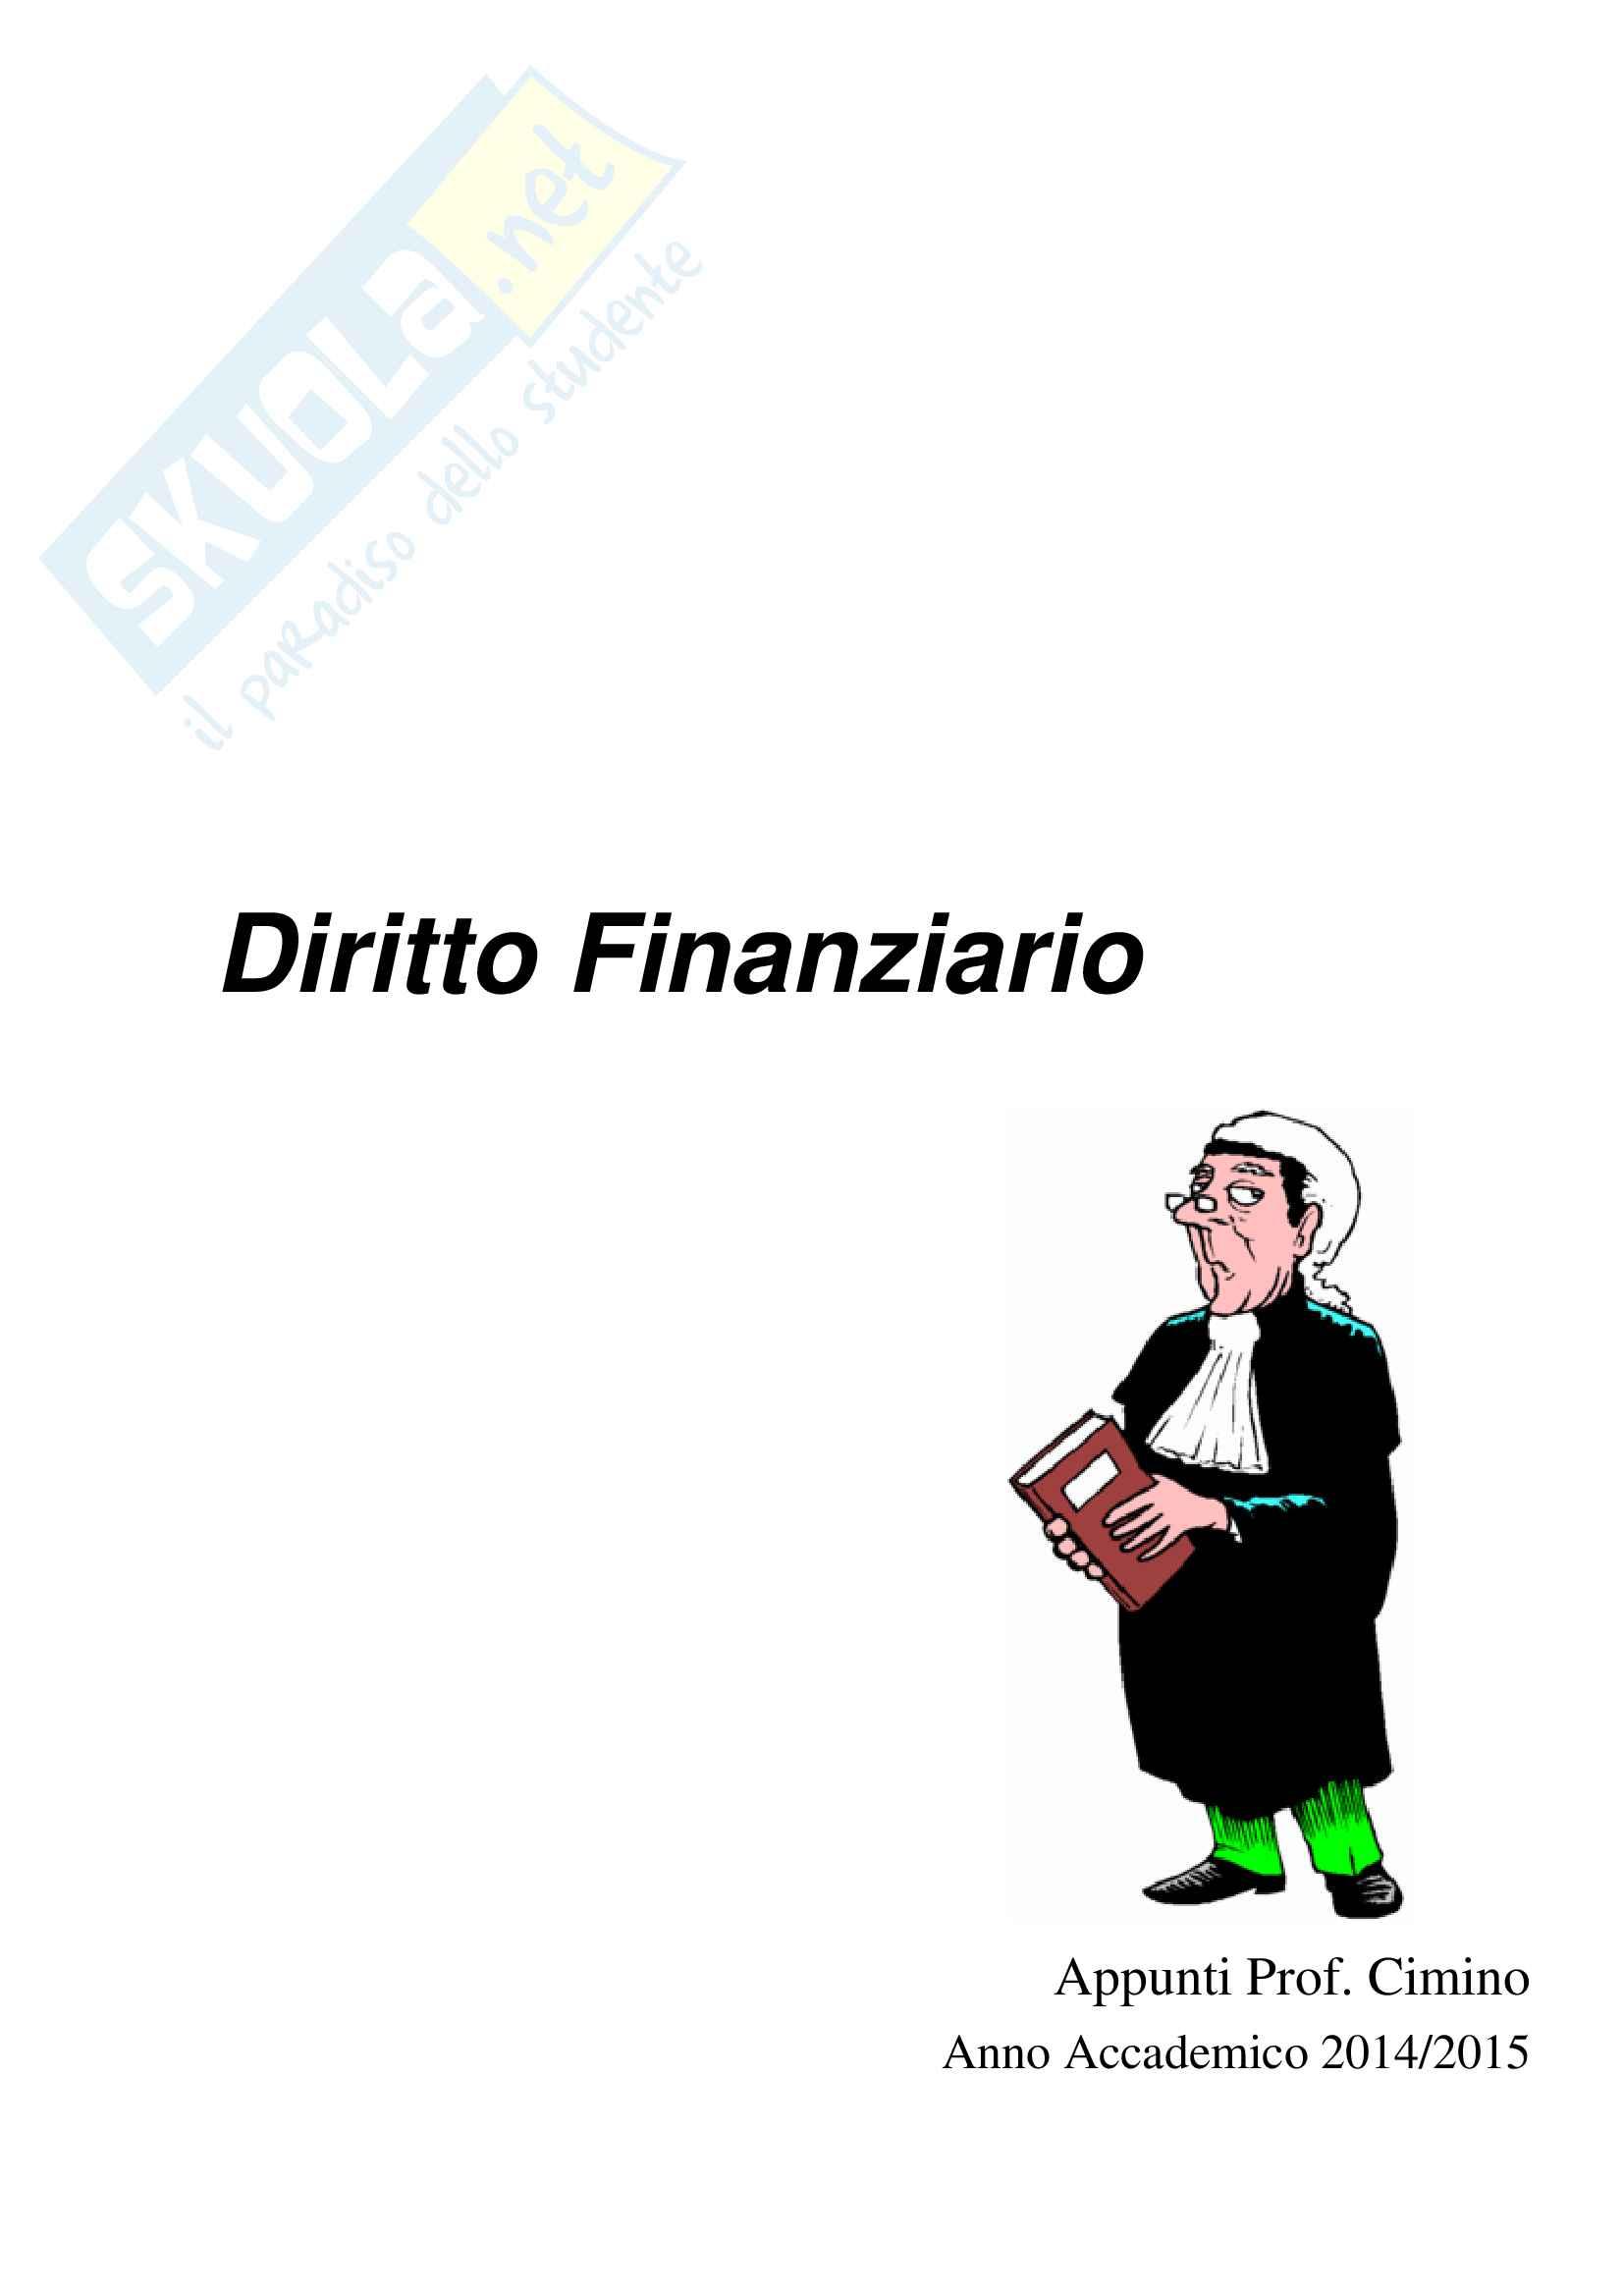 Diritto Finanziario